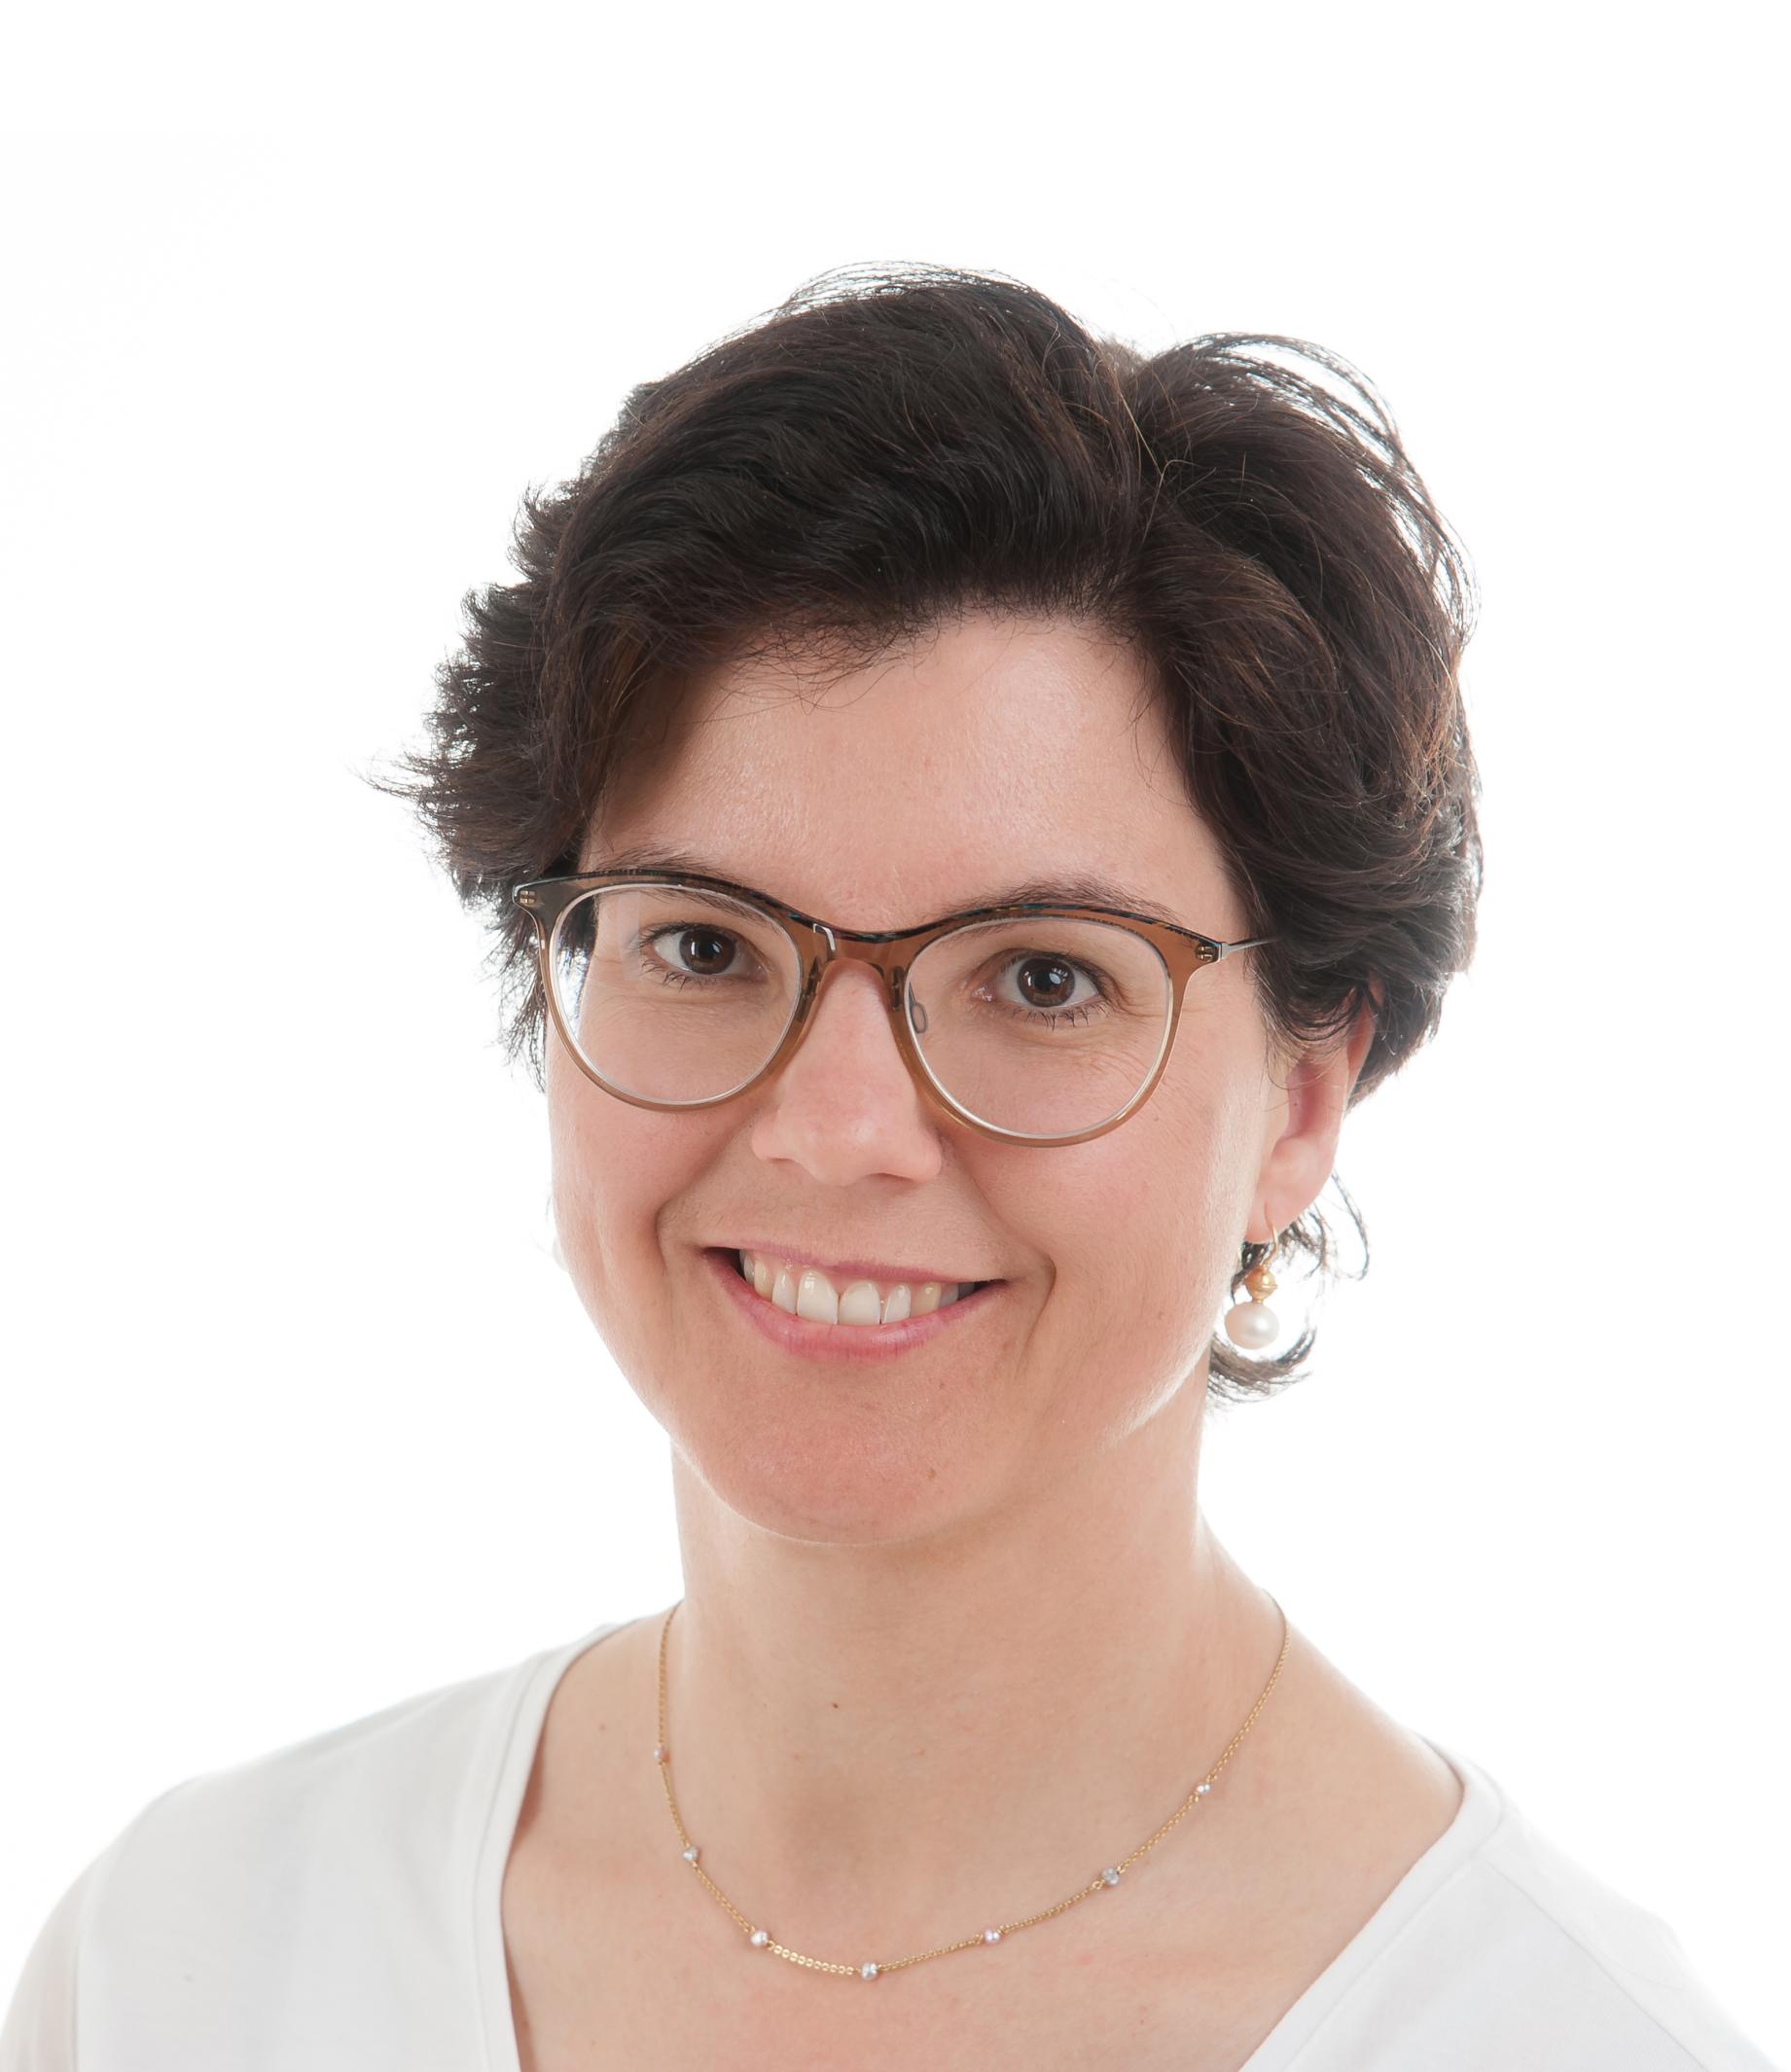 VDDH-Dentalhygienikerin-Portrait-Birgit Hühn